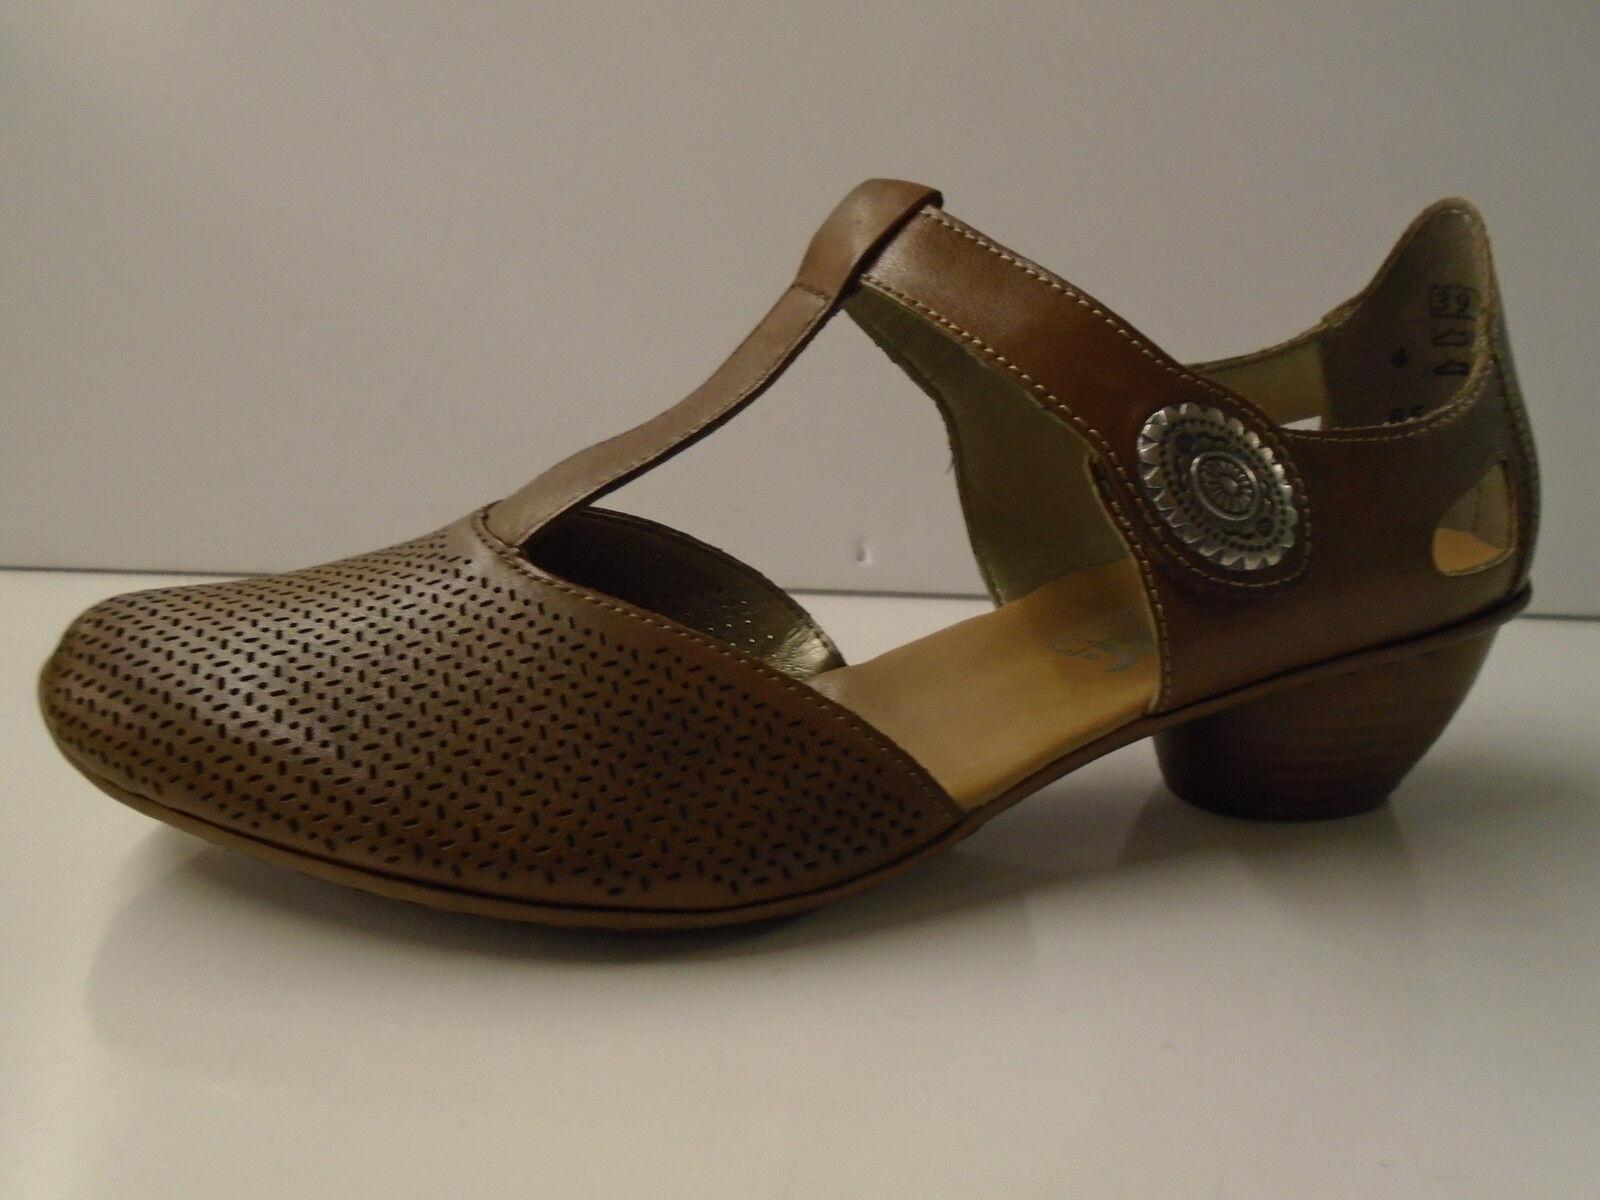 Damen Rieker Schuhe 43730-22 Günstige und gute Schuhe